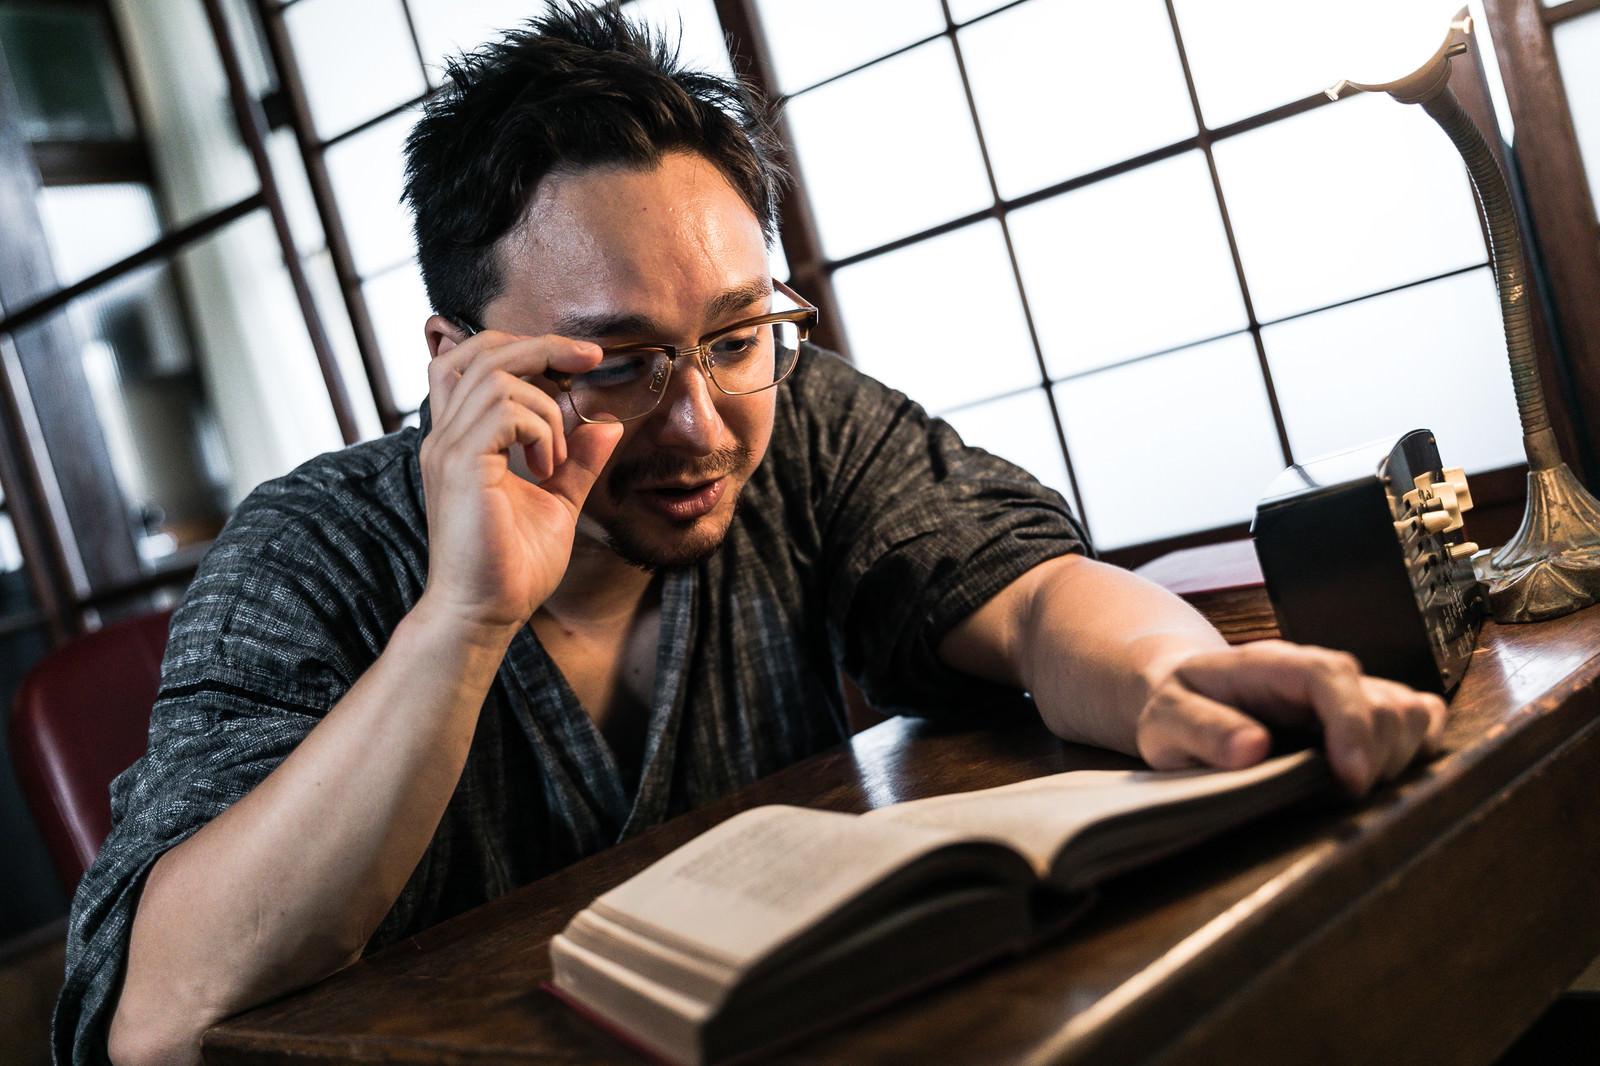 「日本文化の研究に熱心な若い外国人男性」の写真[モデル:Max_Ezaki]